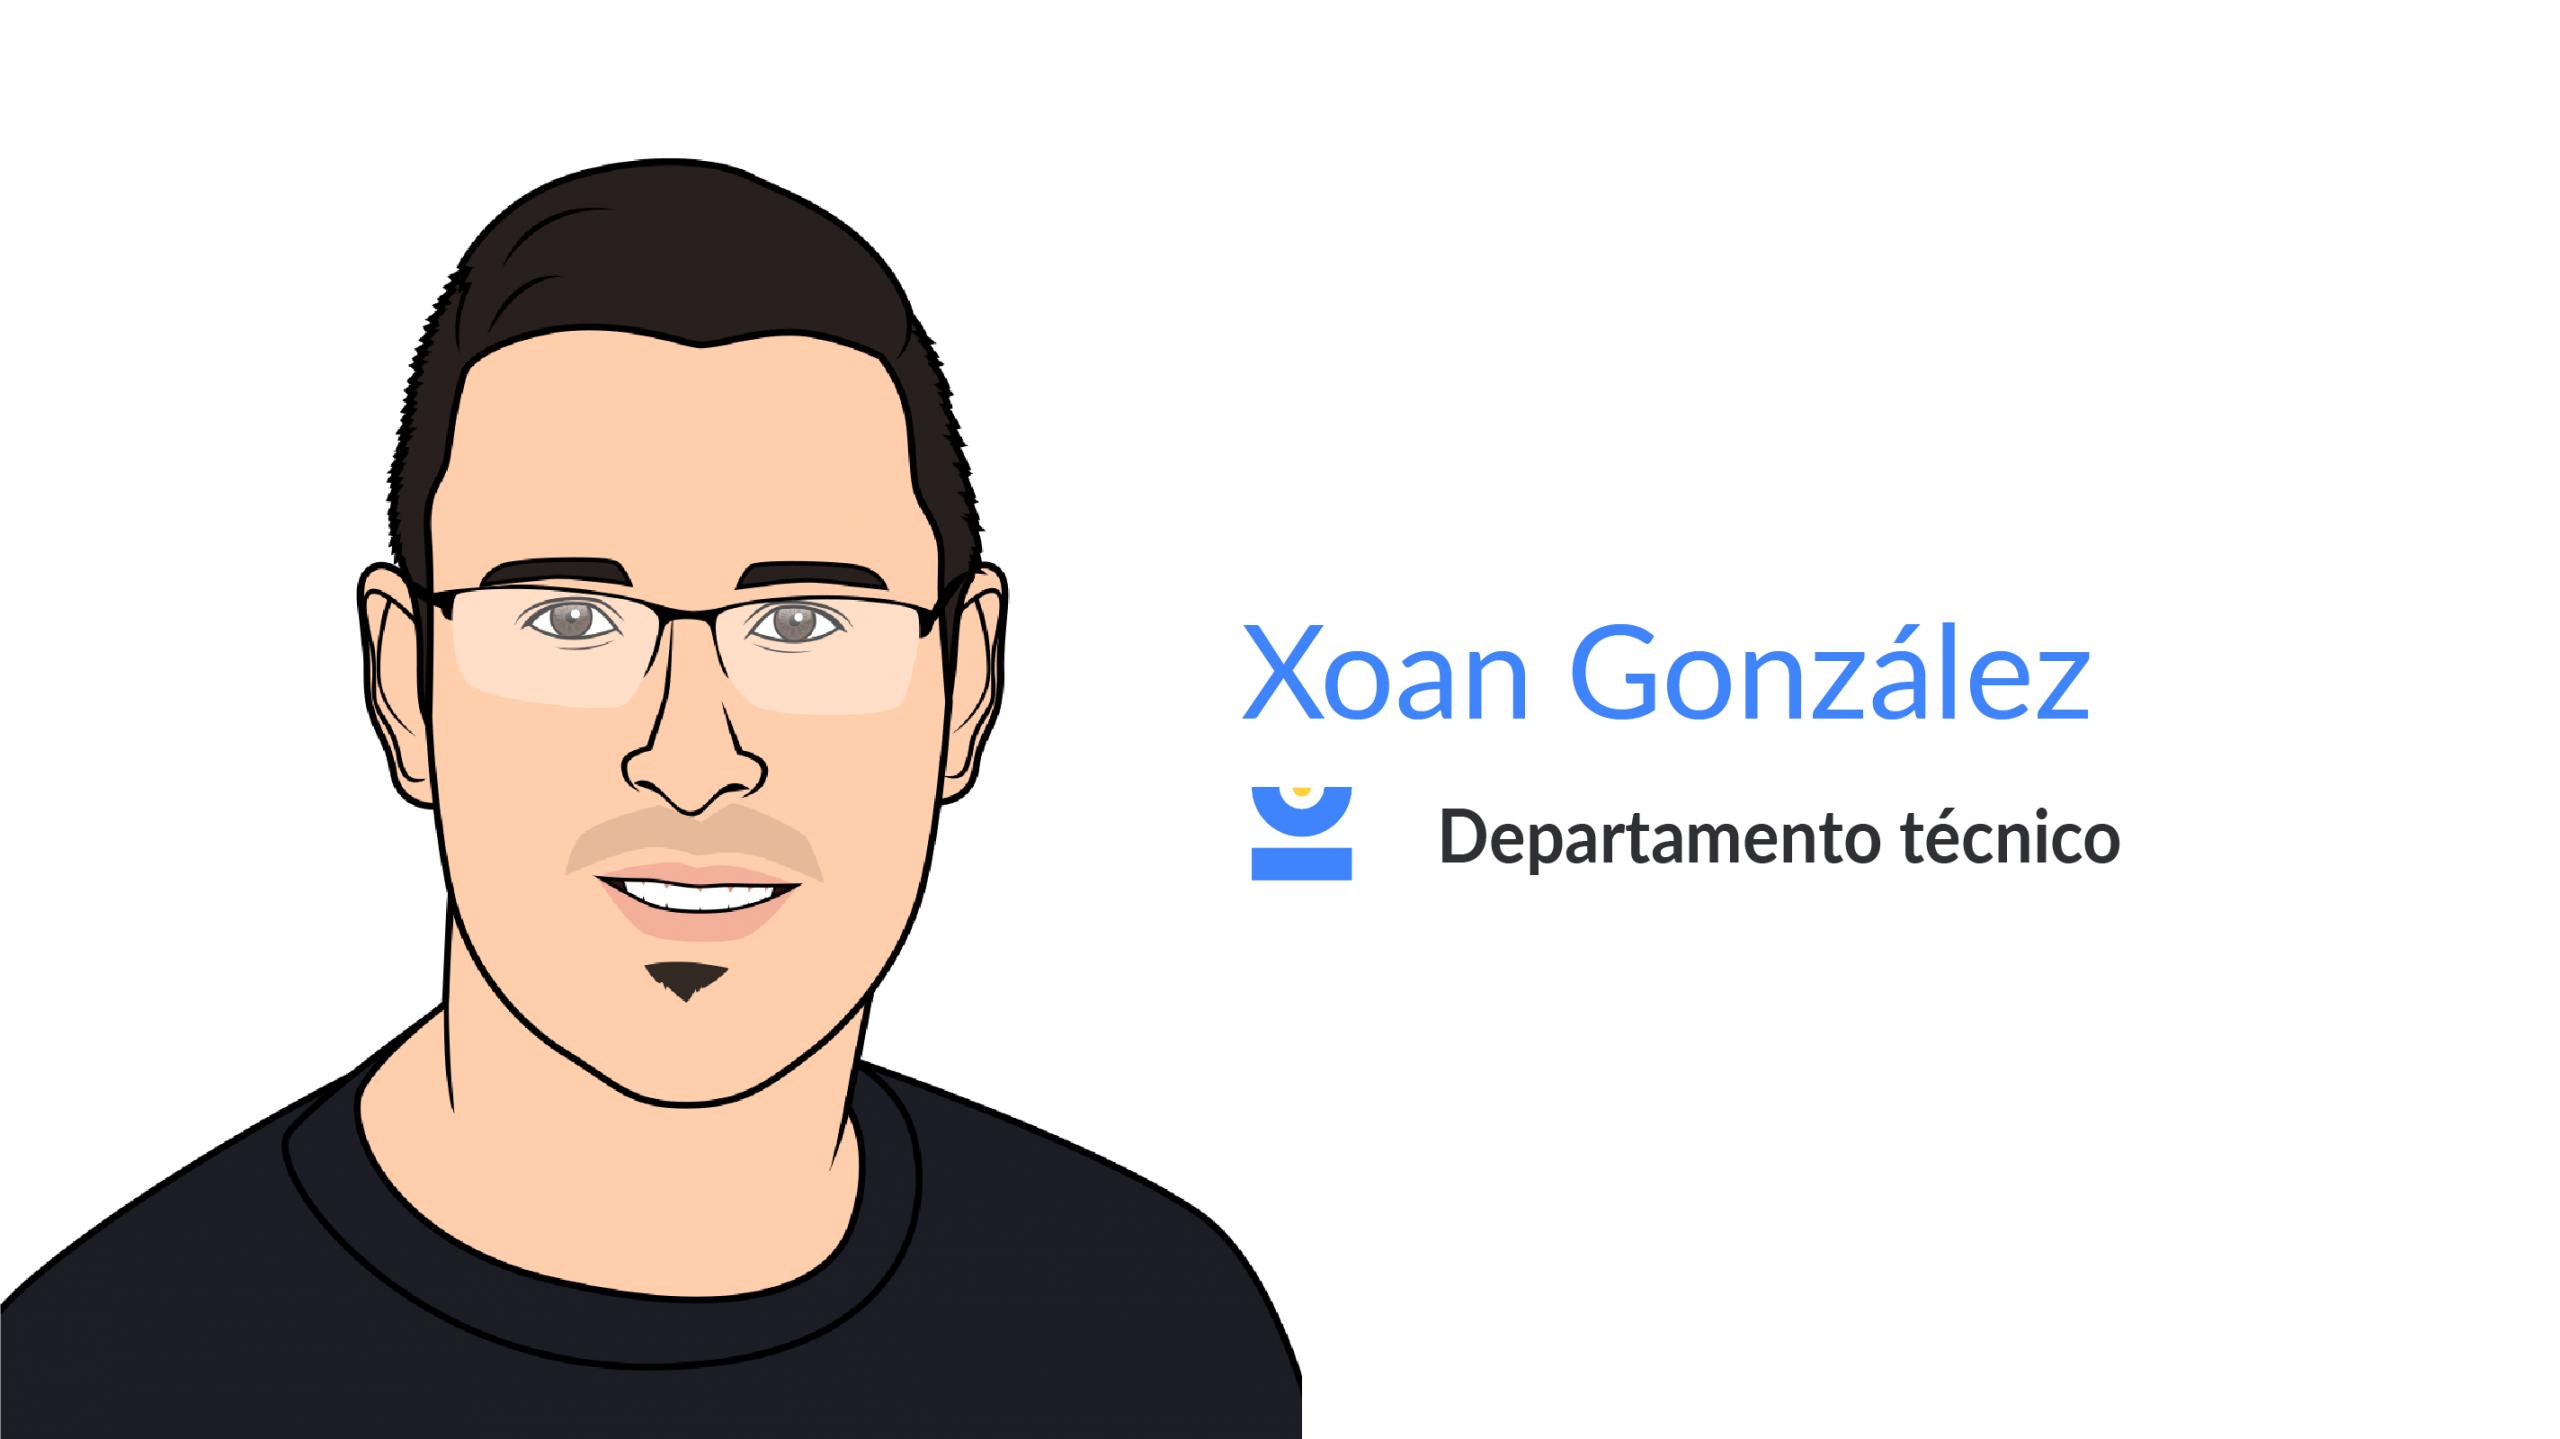 Xoan González. Departamento técnico